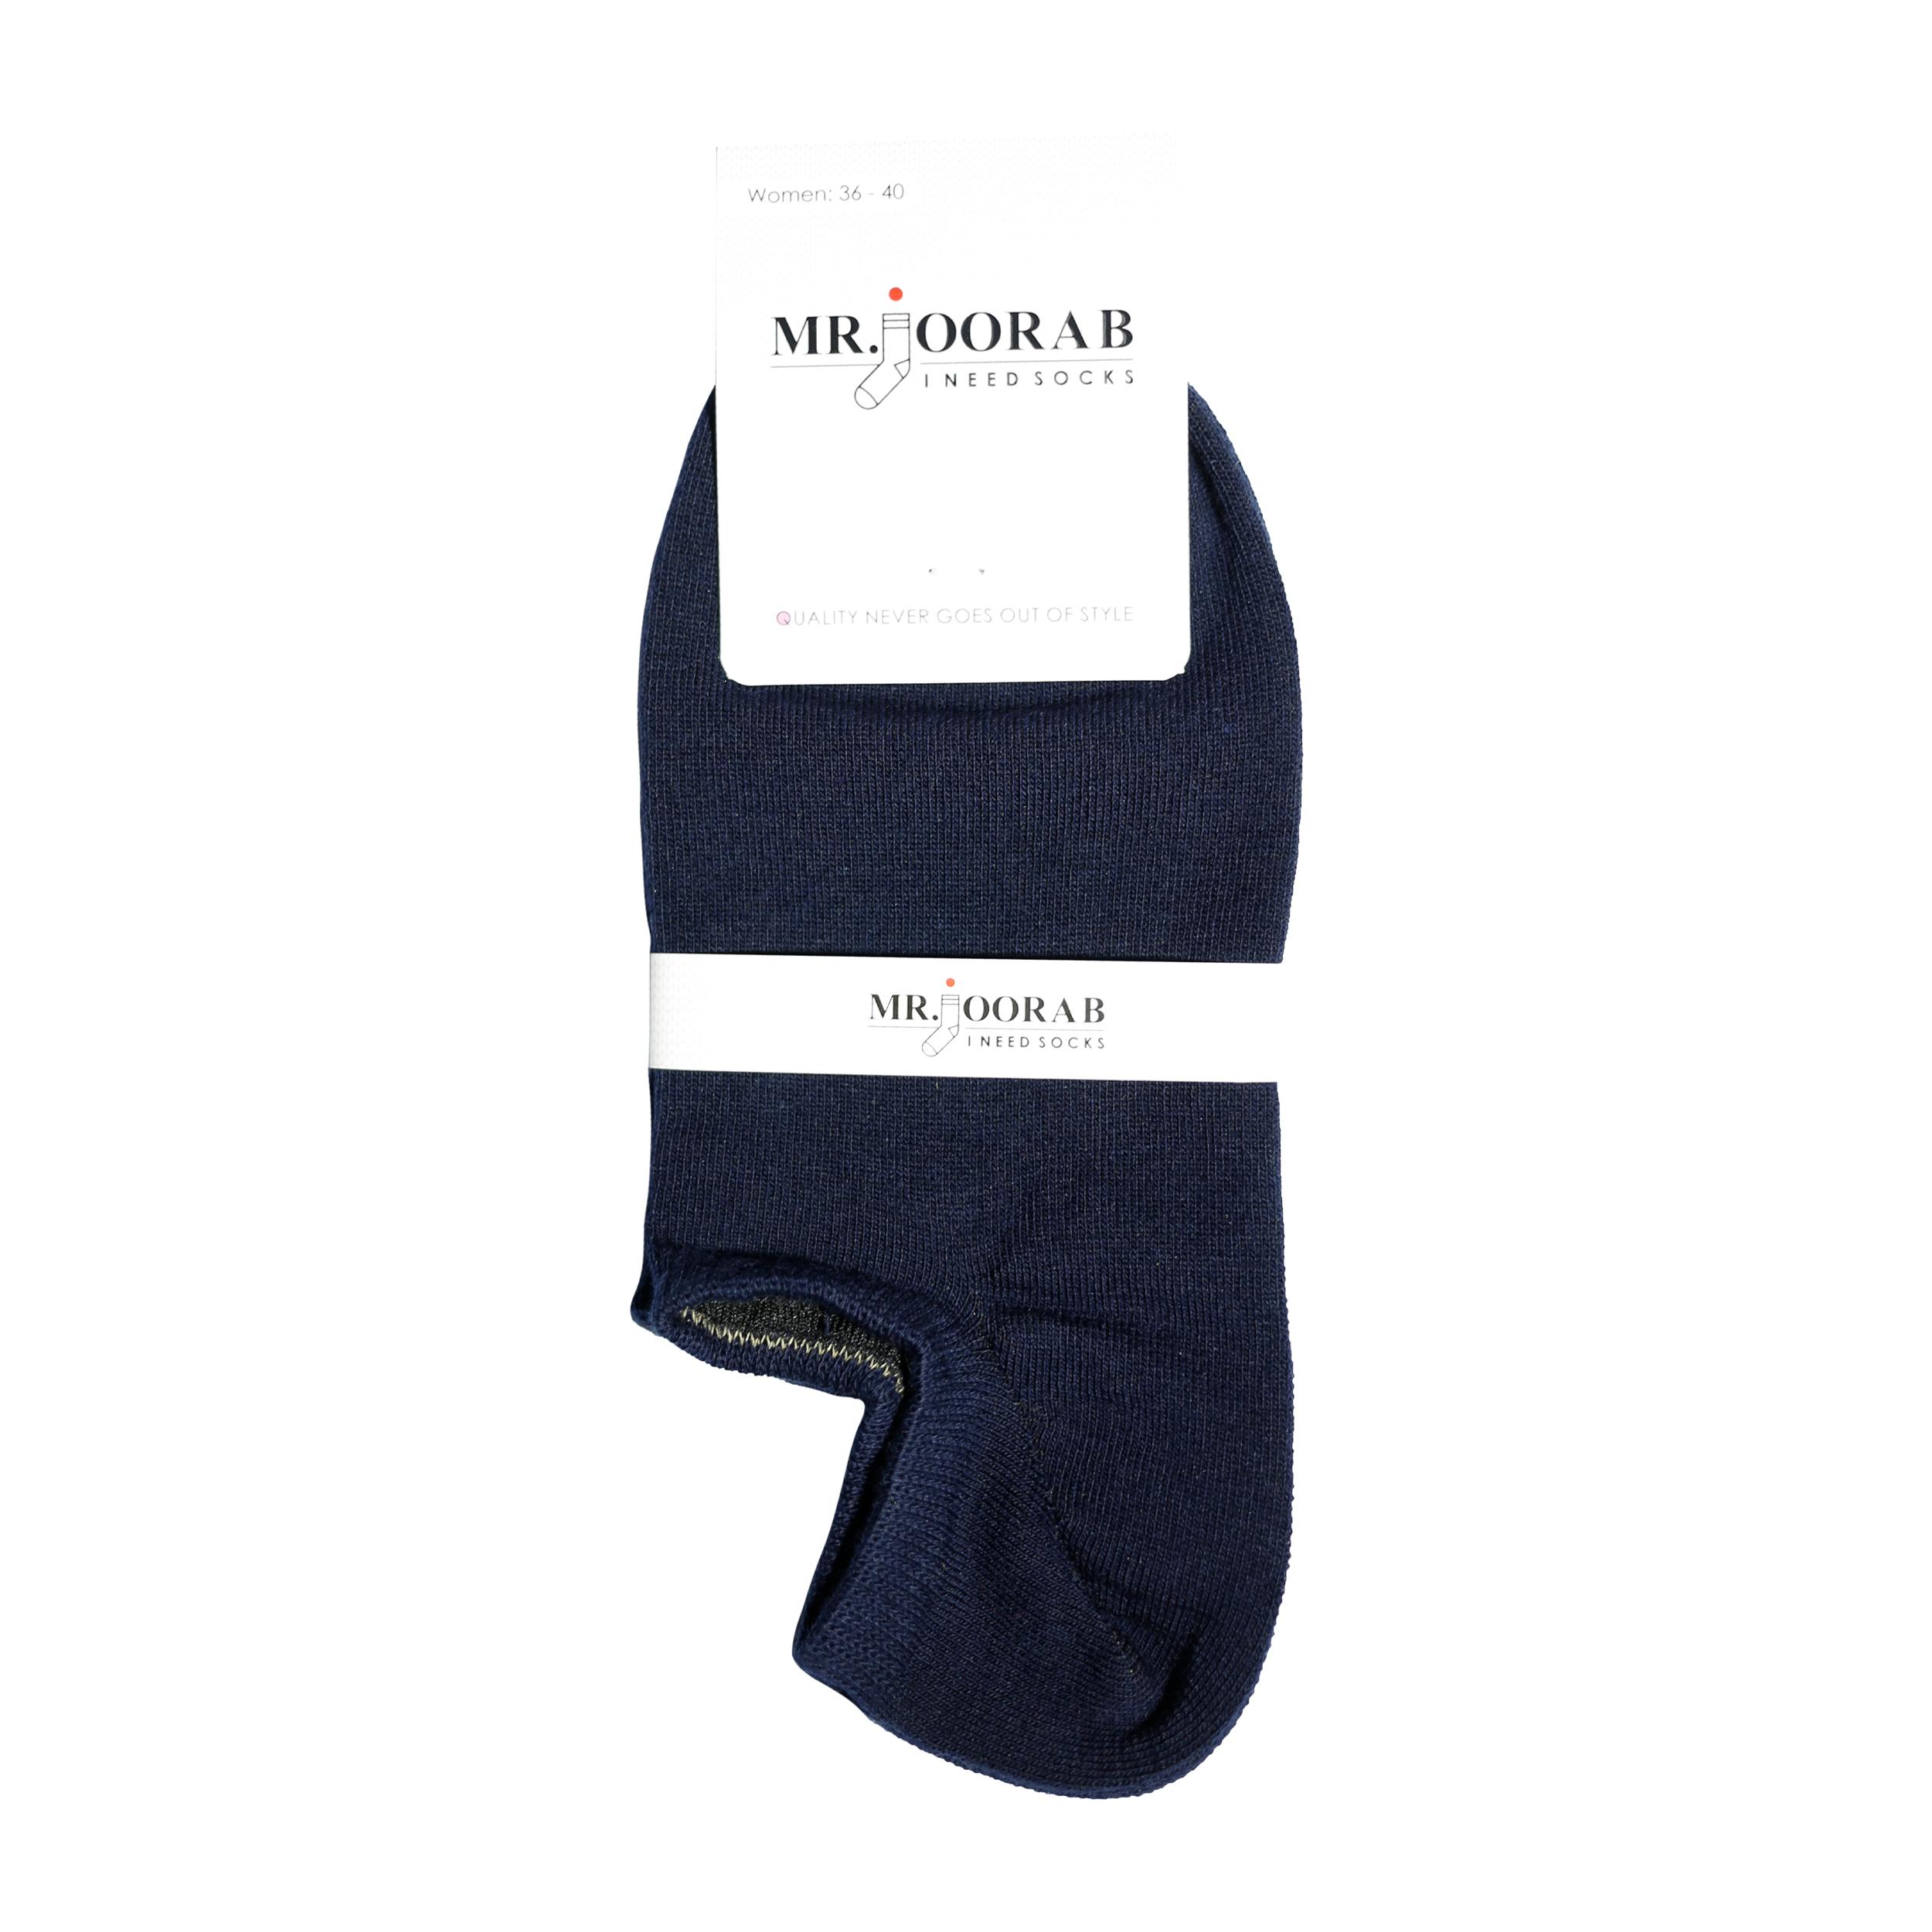 جوراب زنانه مستر جوراب کد BL-MRM 216 بسته 12 عددی -  - 3